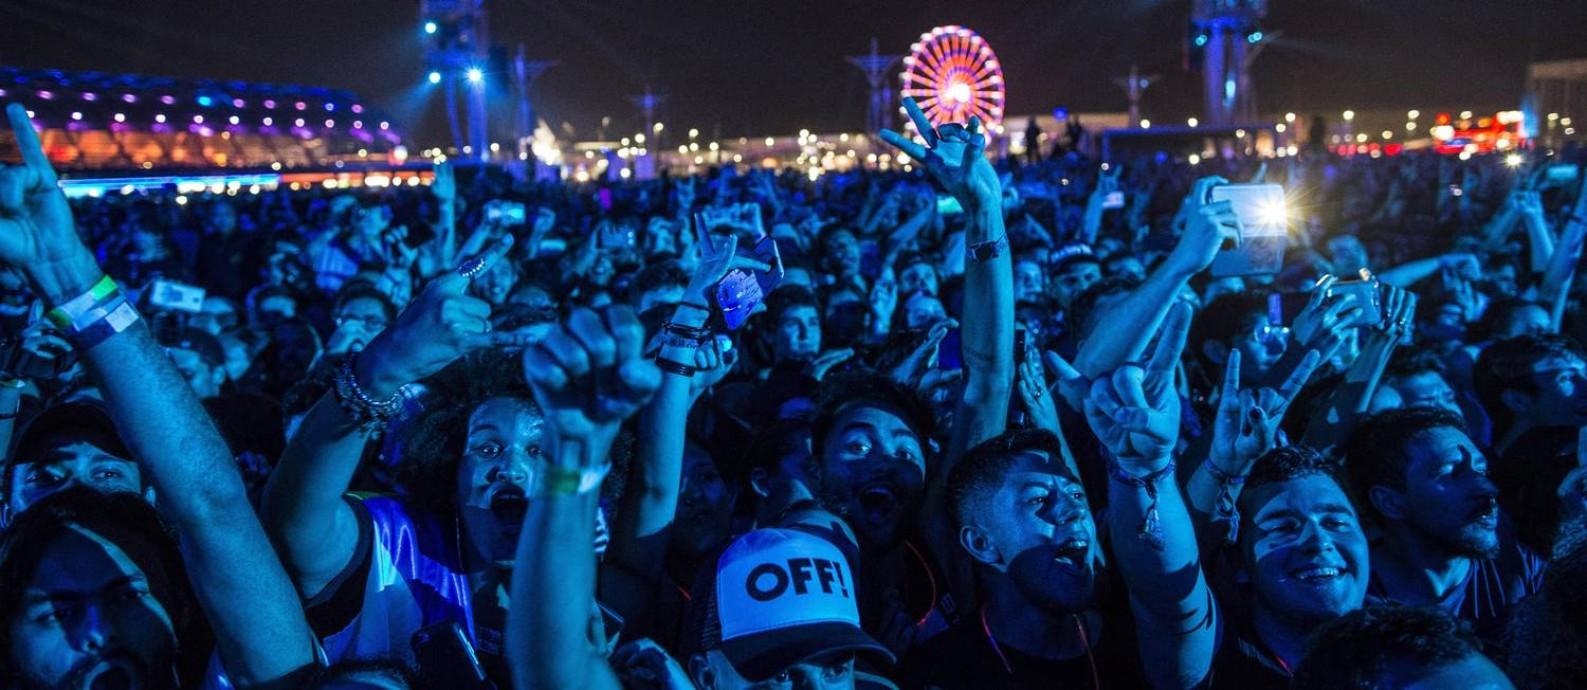 Público durante o show do Offspring no Rock in Rio 2017 Foto: Guito Moreto / Agência O Globo